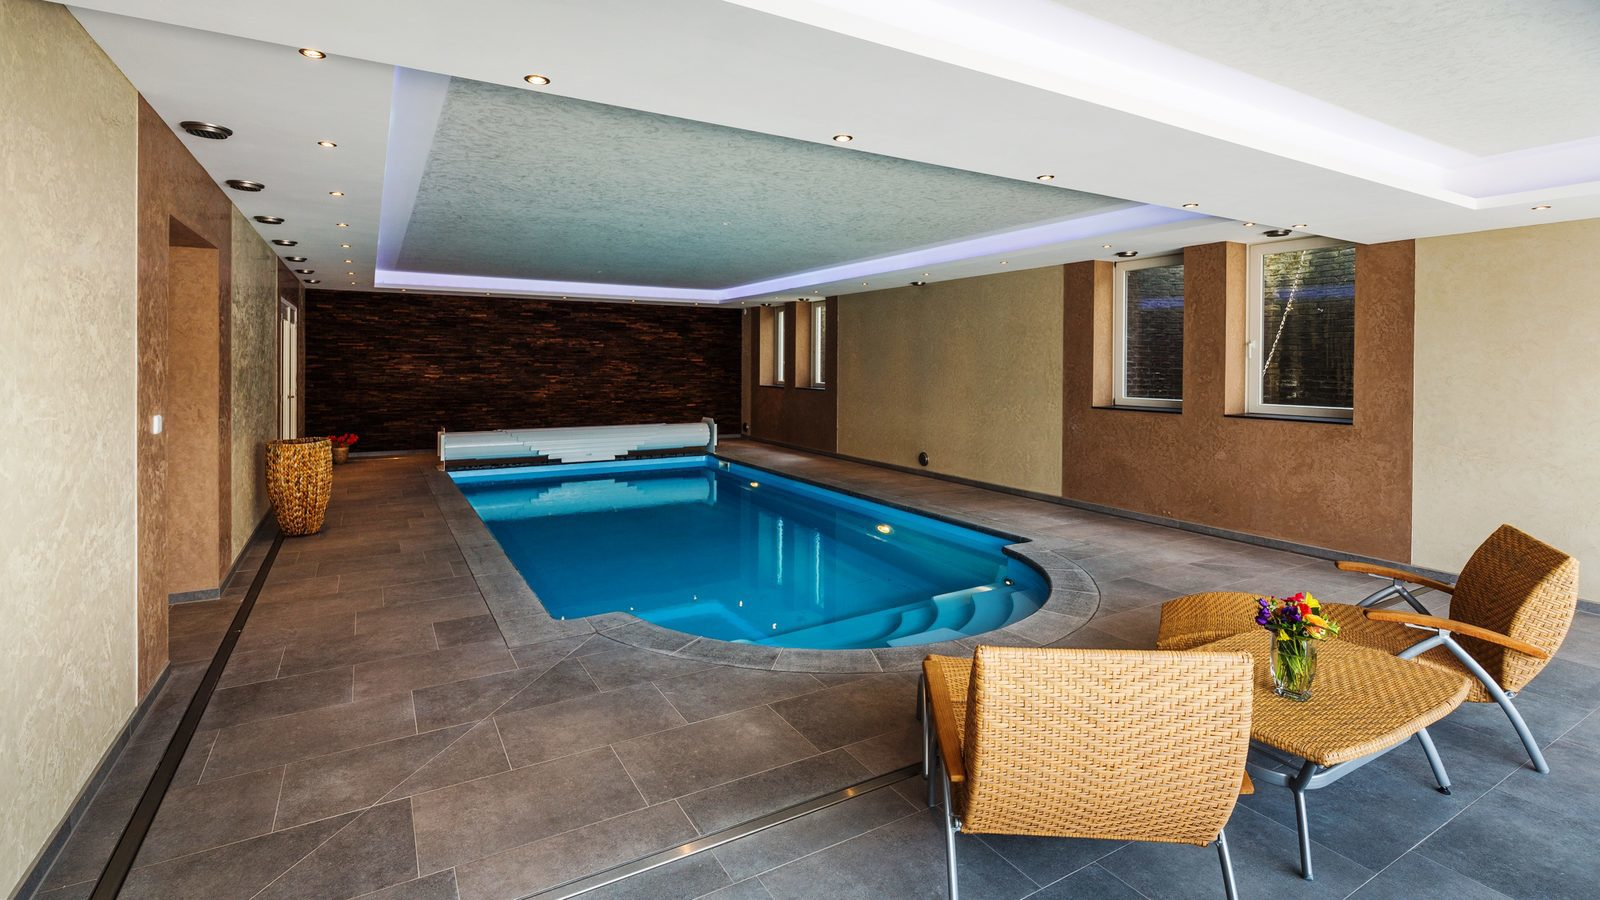 Vakantiehuizen met binnenzwembad